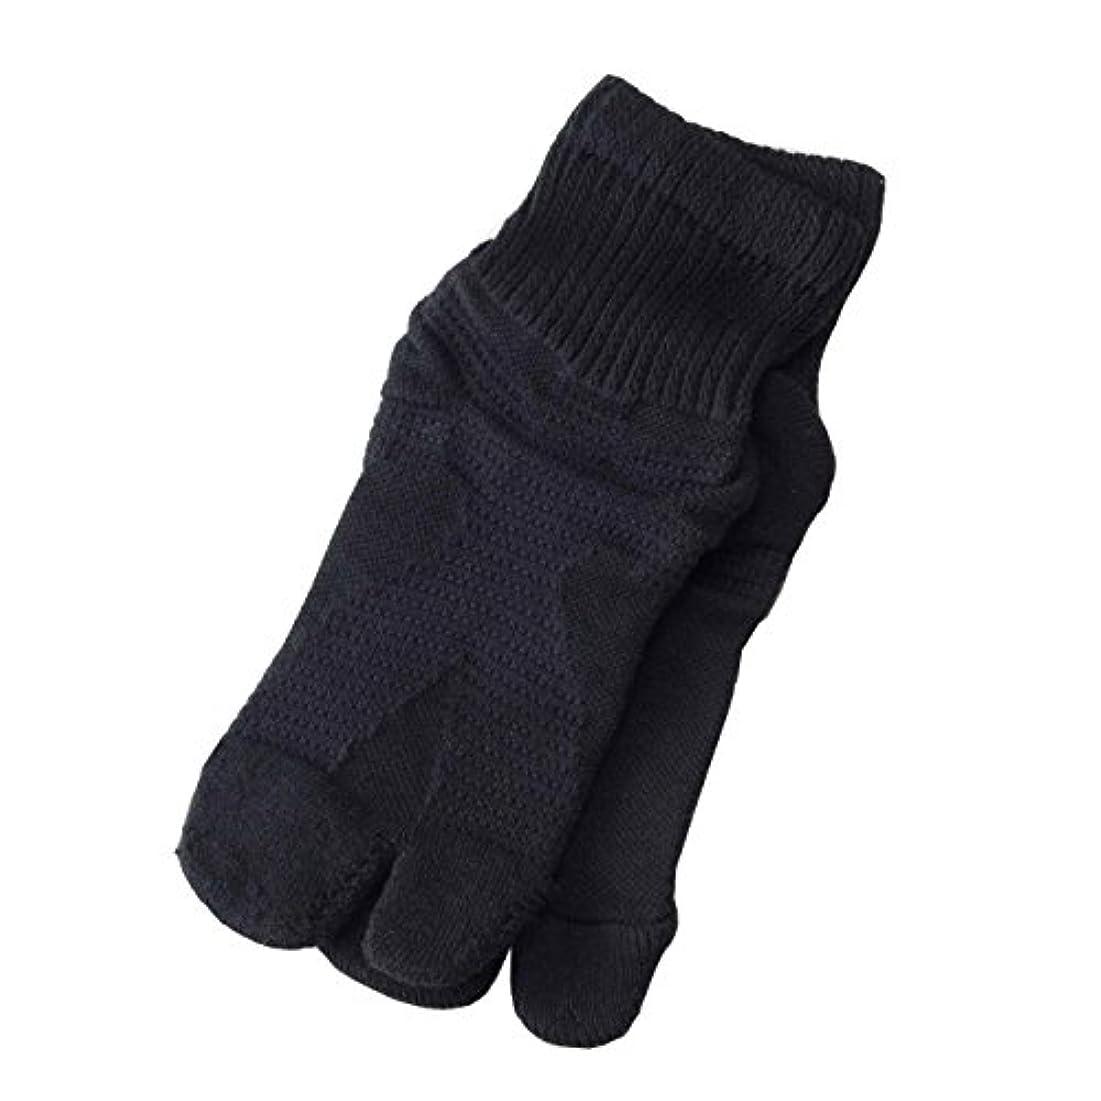 悪化する捨てる測定可能日本製歩行サポート足袋ソックス (ブラック, 23~25cm)